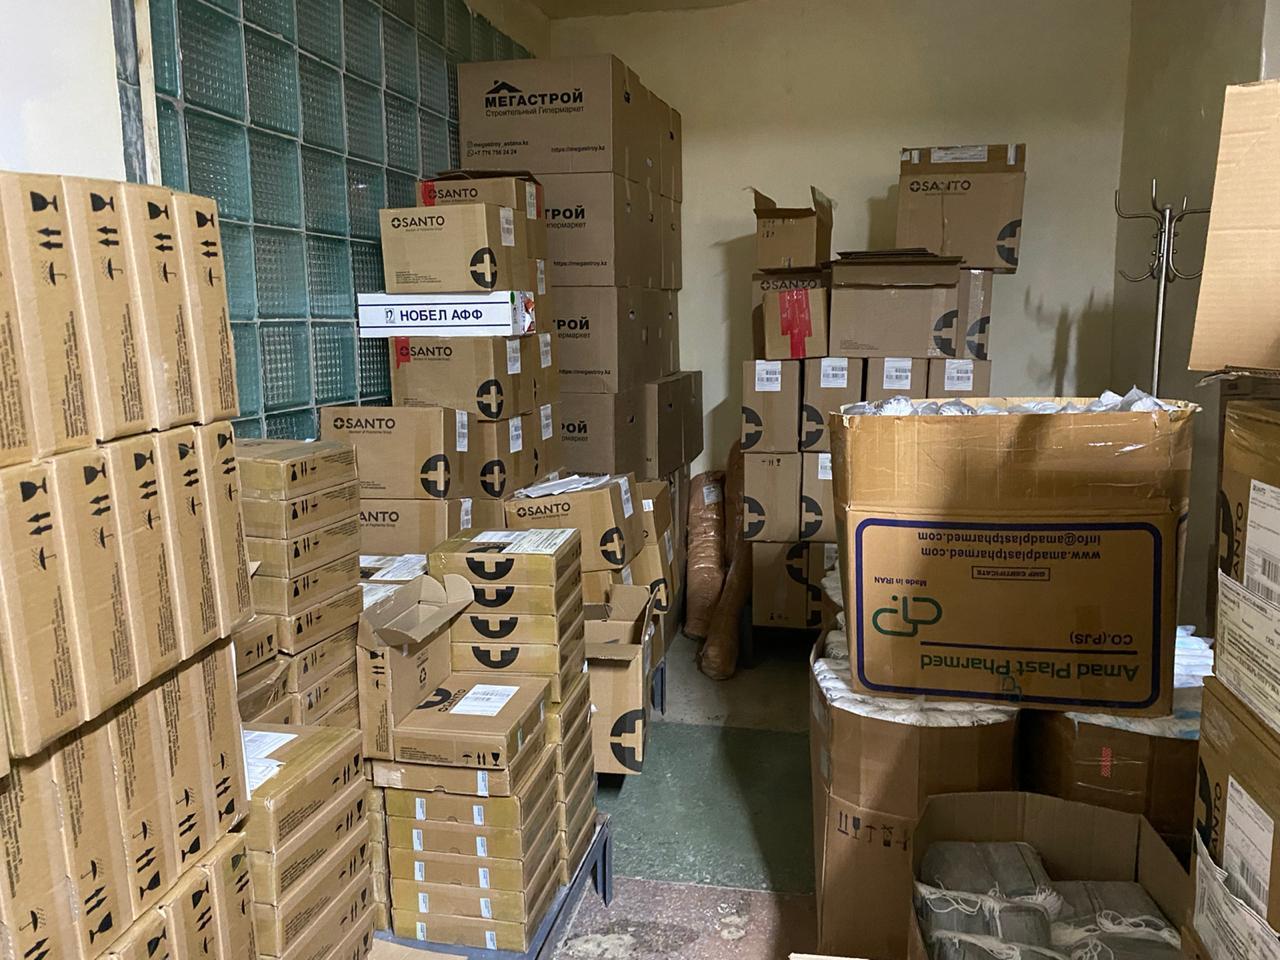 Препараты вышли со склада «СК-Фармации», но не дошли до нужных мест